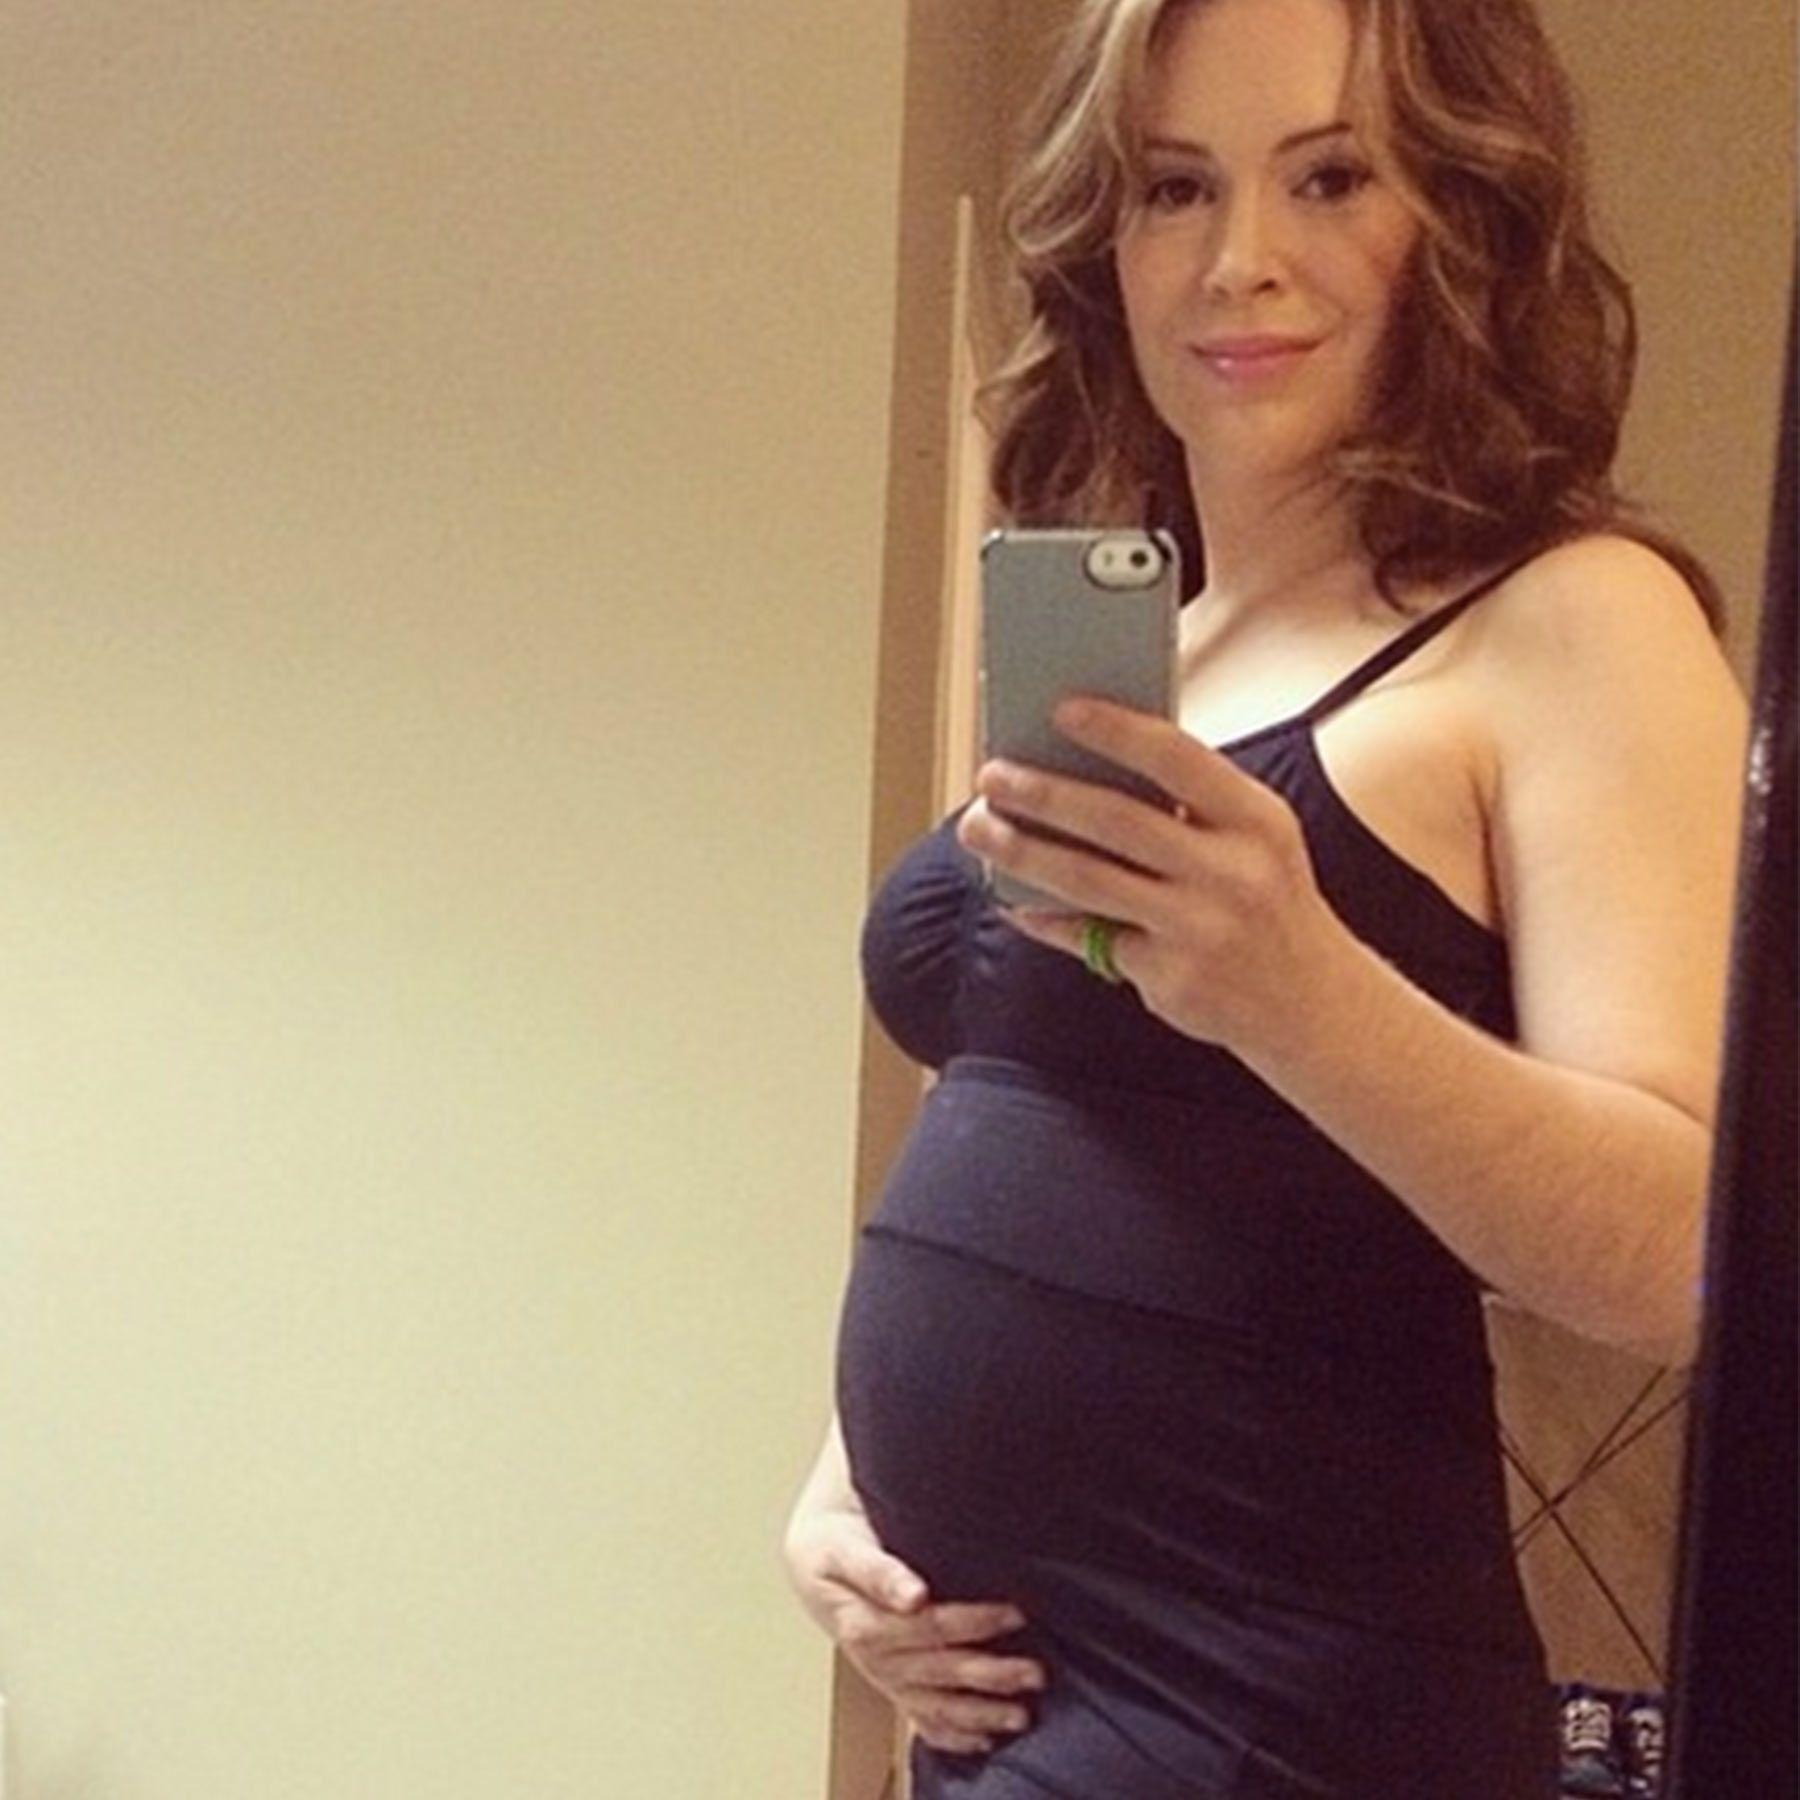 alyssa milano nude pregnant